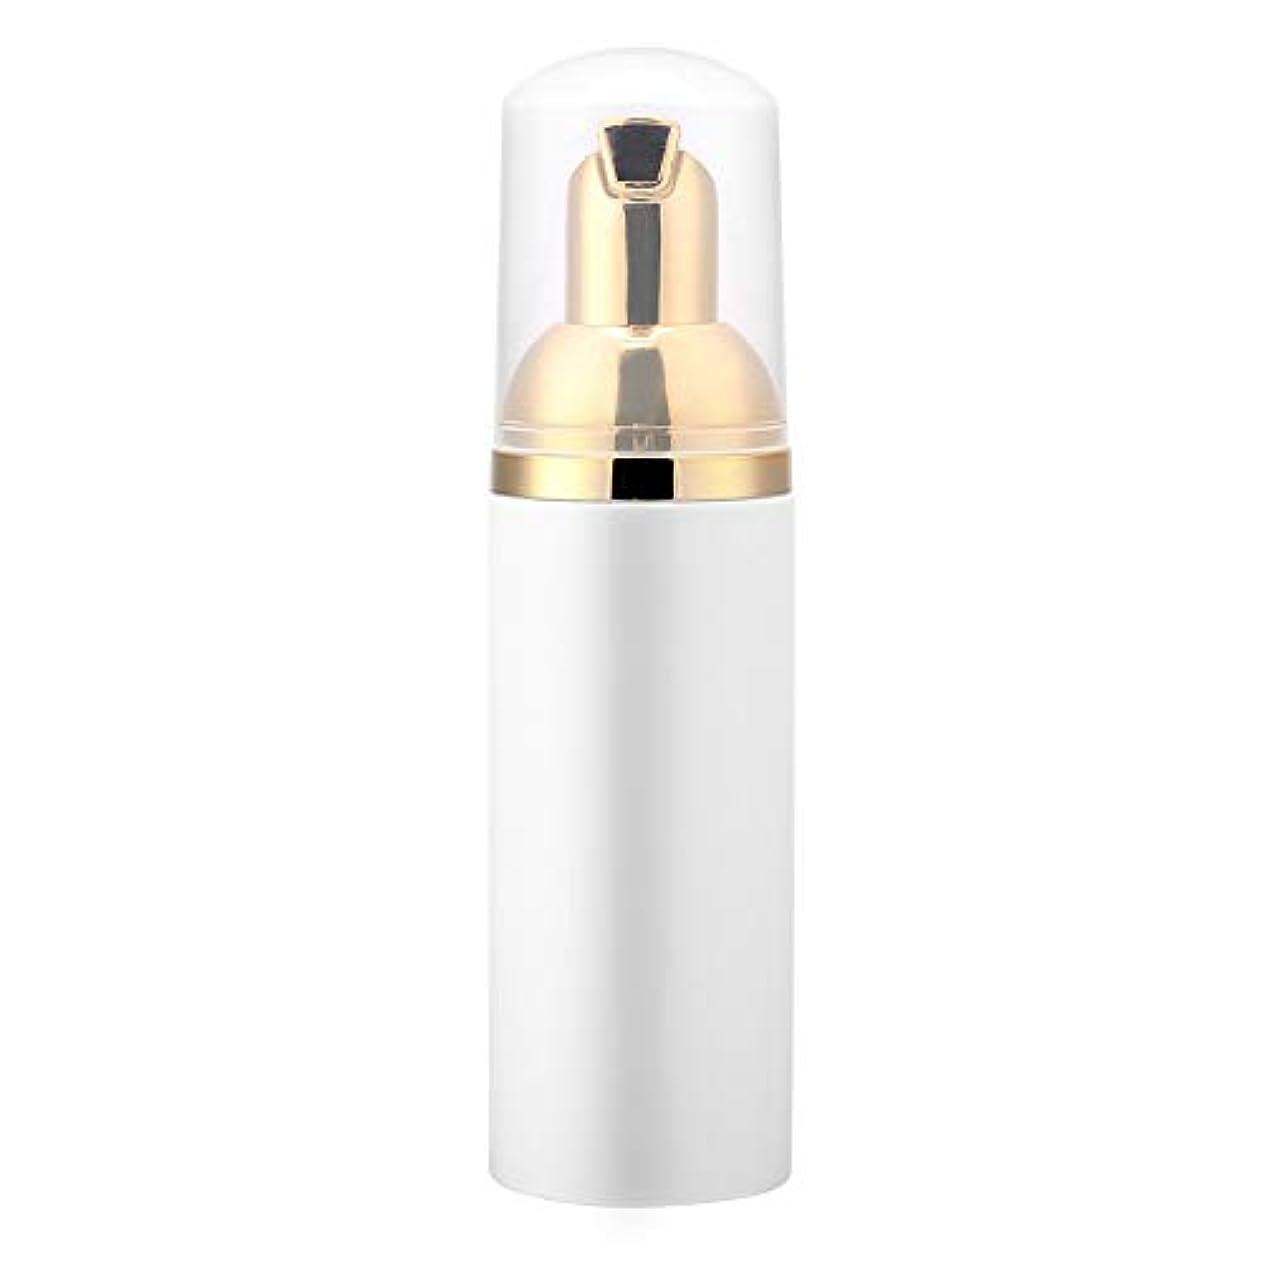 フラスコ昼間三角フォームクレンザーのまつげ、シャンプーのまつげエクステンション、まつげシャンプーの洗剤プロのまつげエクステンションは、日常使用のための保護を拡張するためのまつげツールを洗います(不透明な瓶)